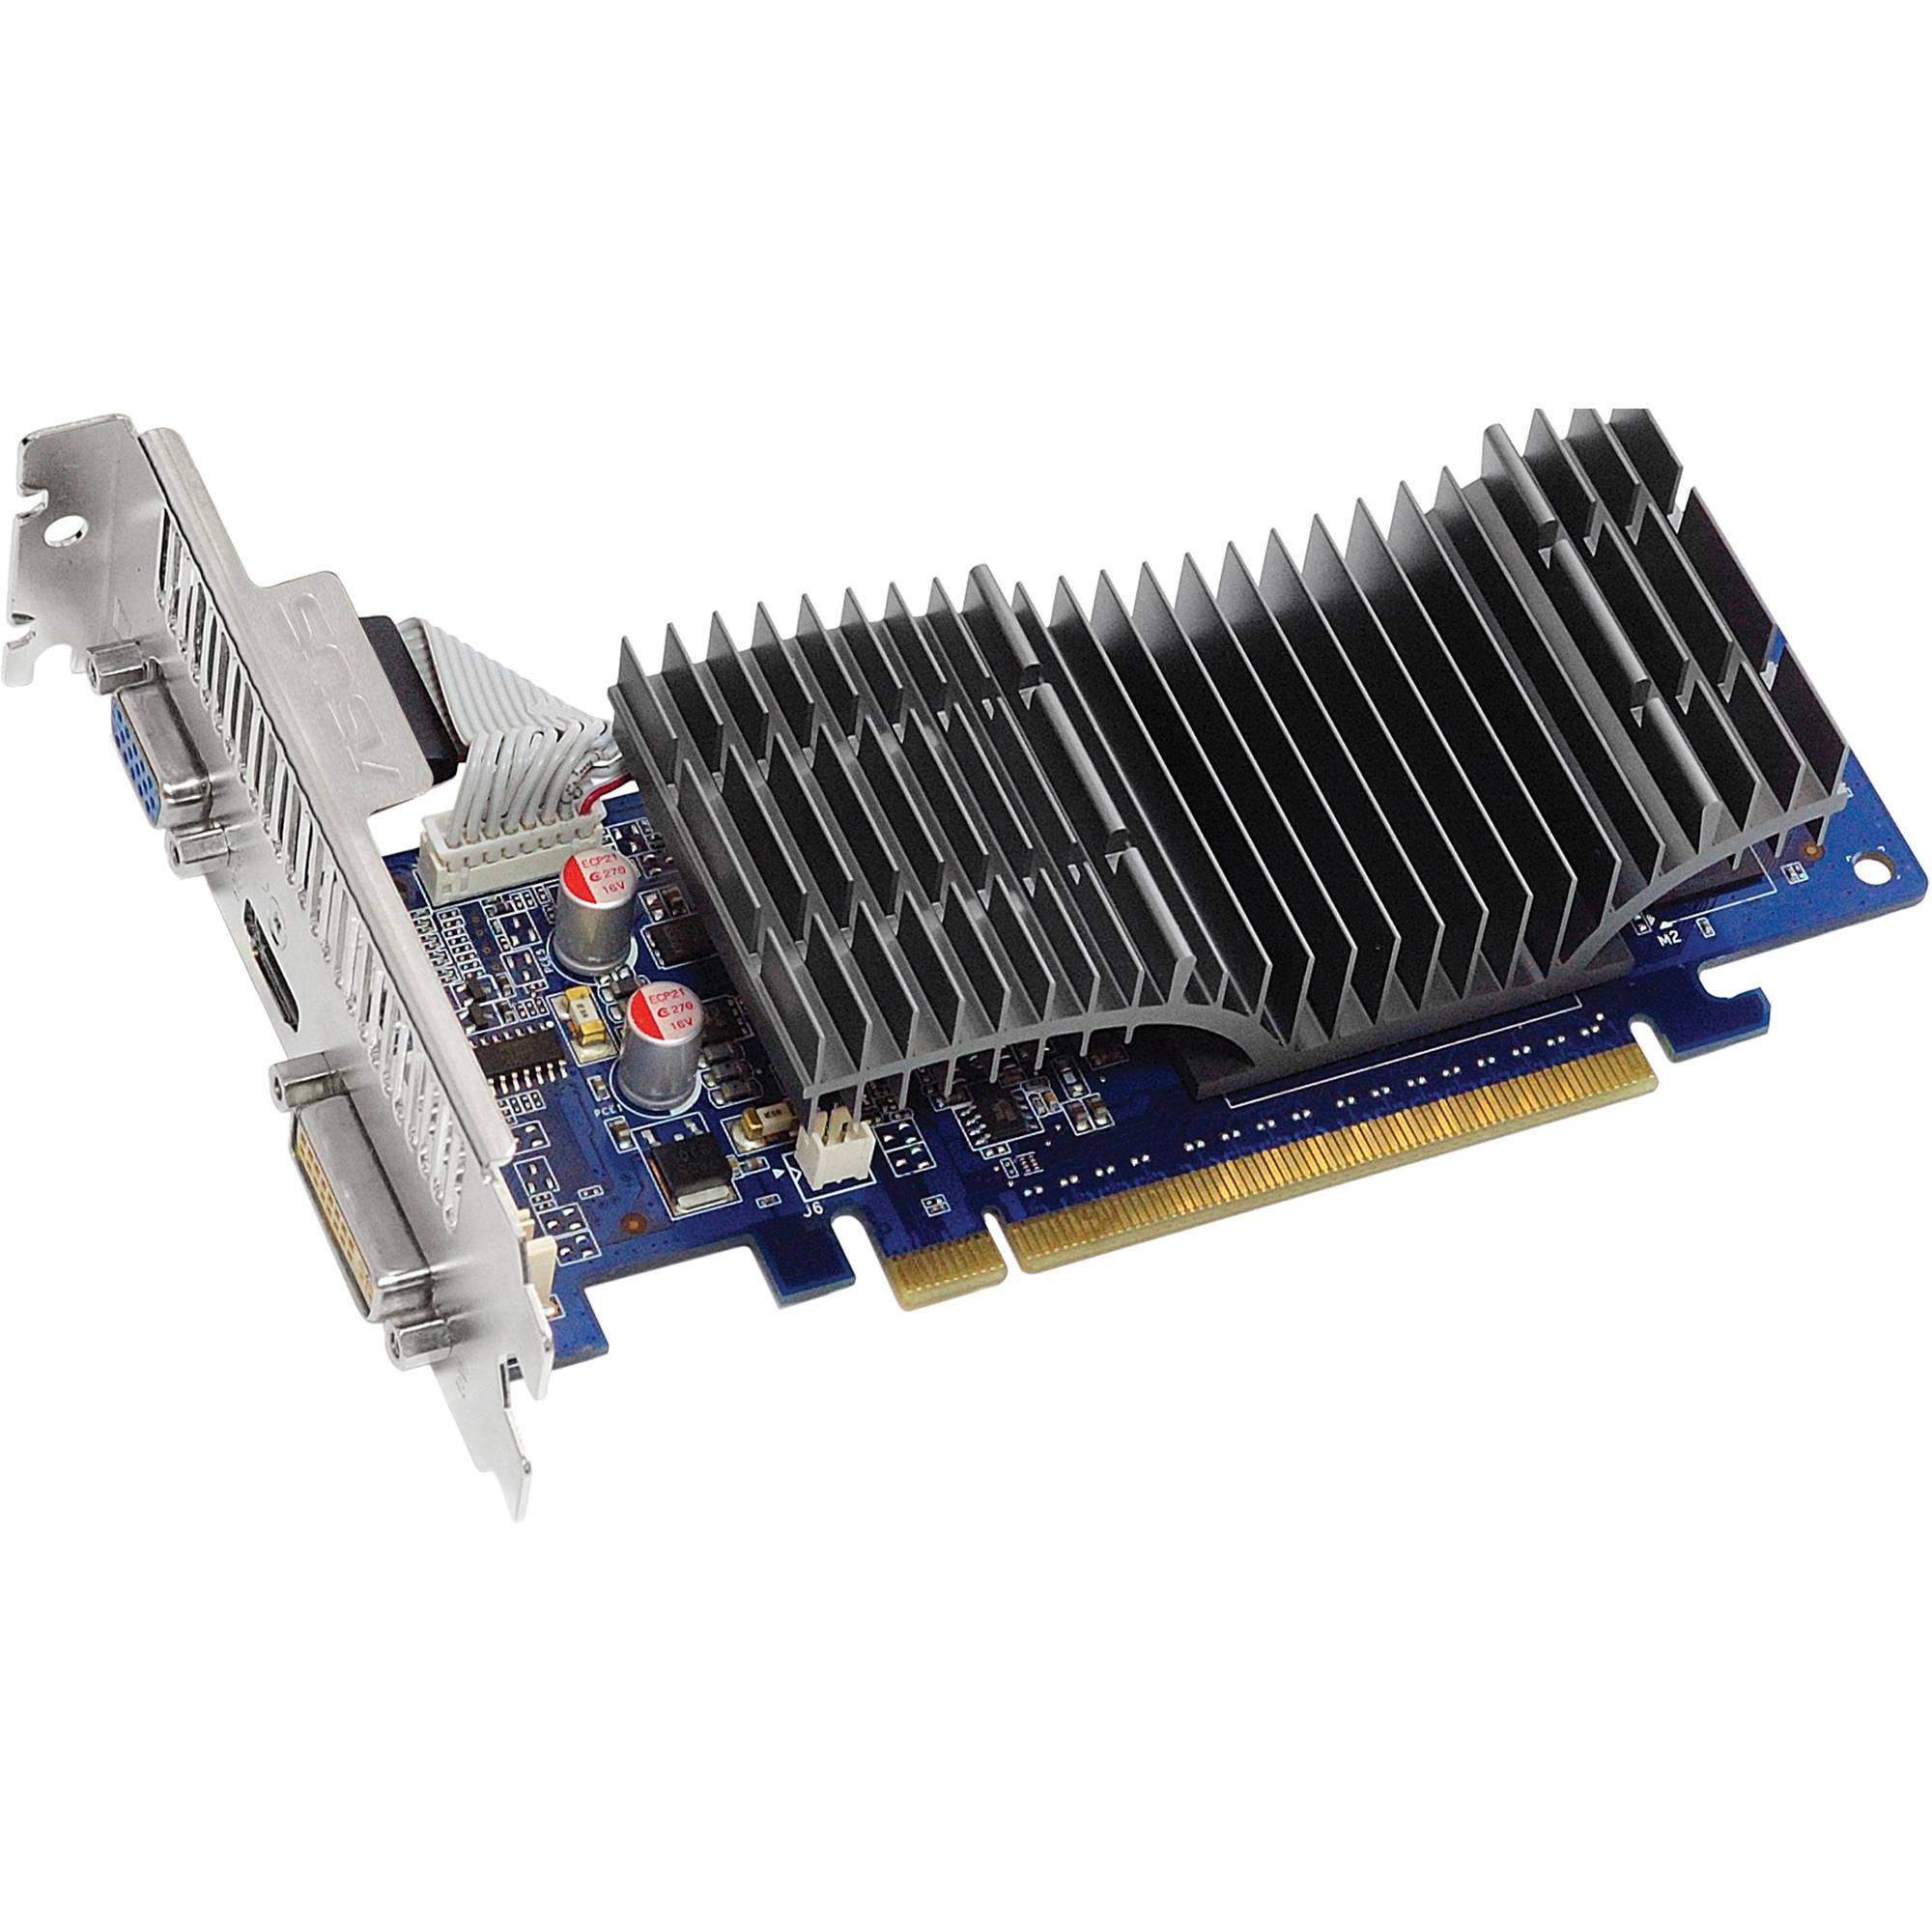 ASUS EN210 SILENT/DI/512MD2(LP) nVIDIA GeForce 210 Display Card